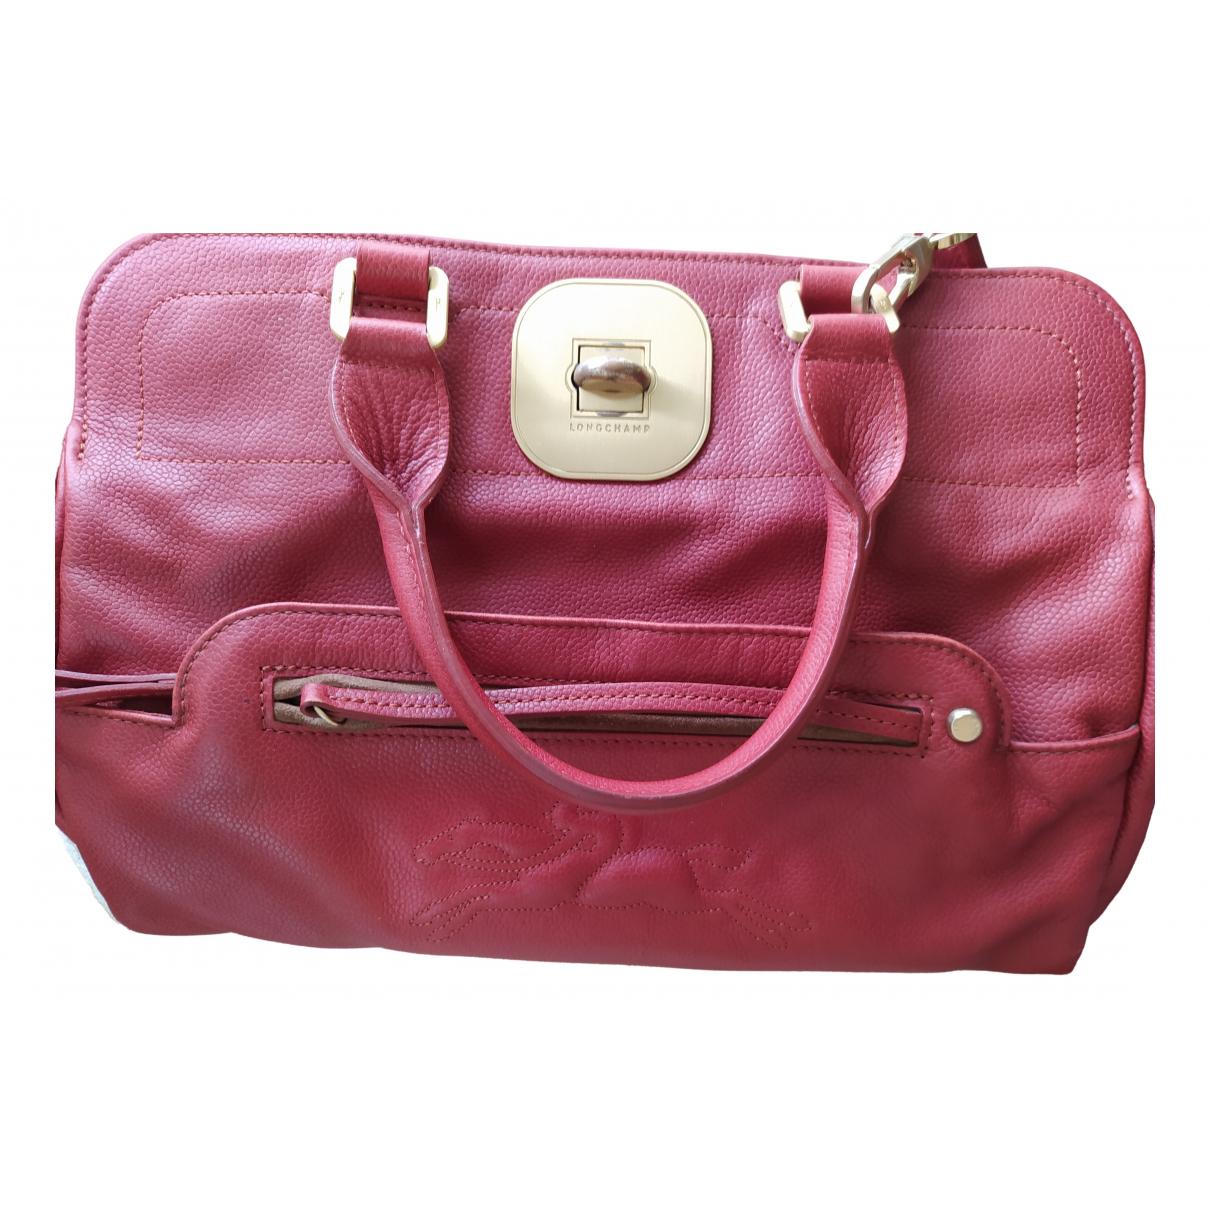 Longchamp - Sac a main Gatsby pour femme en cuir - bordeaux